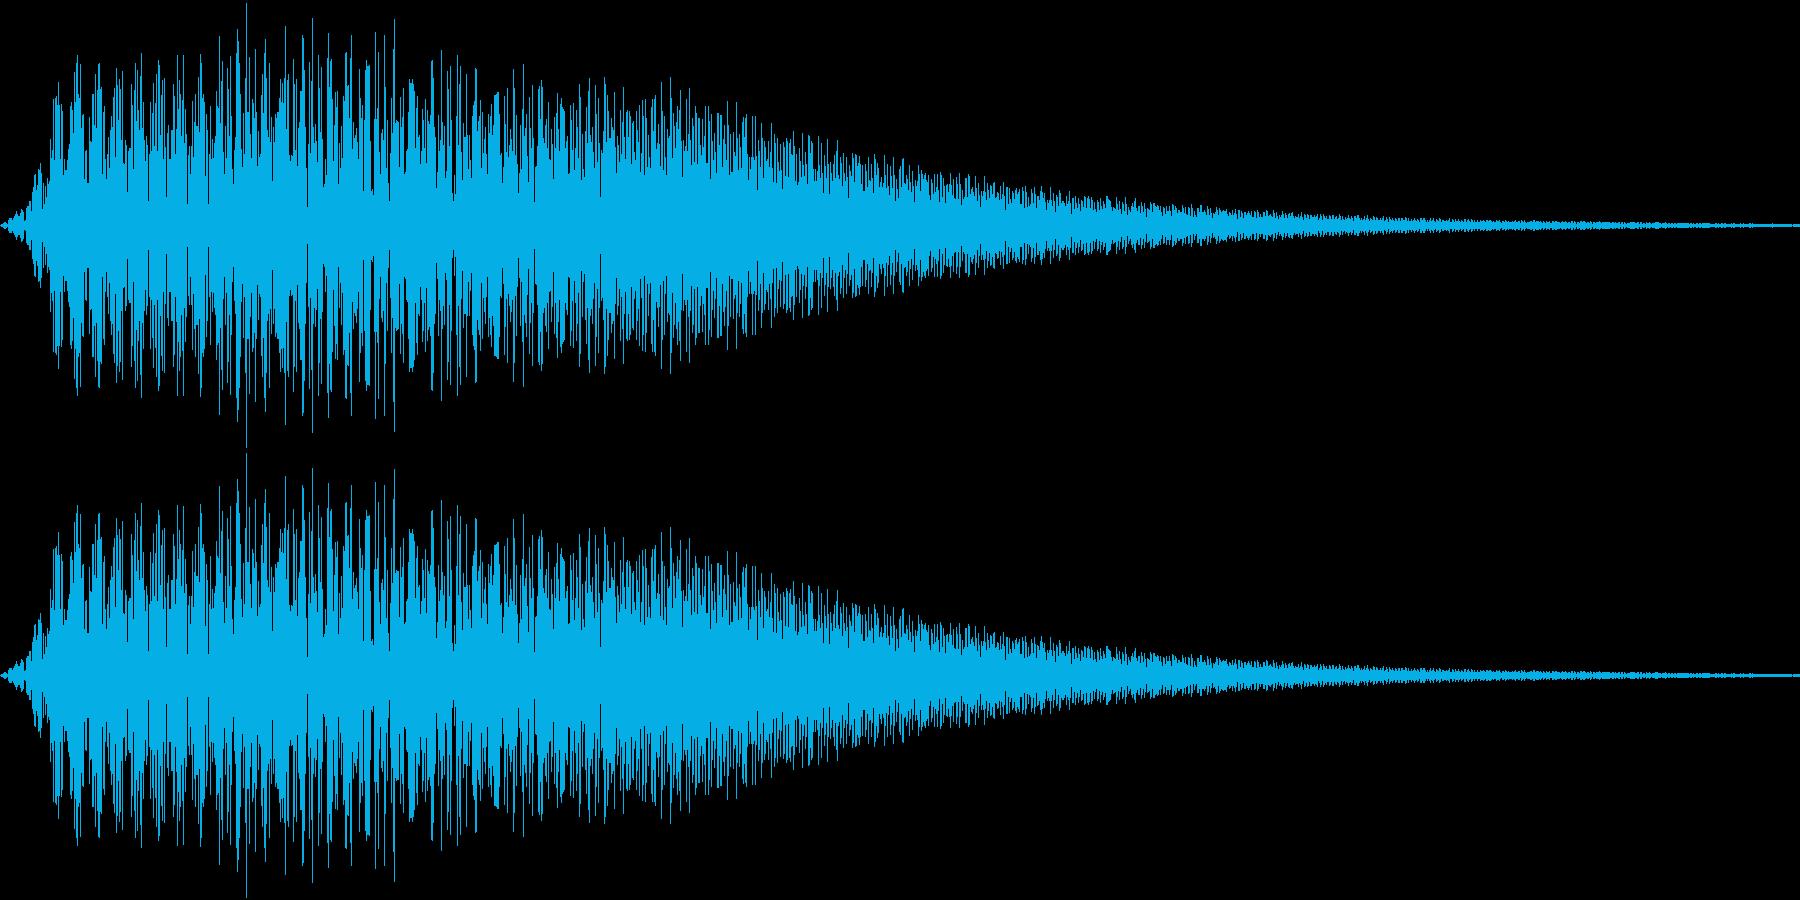 ピンポーン(一回だけ)の再生済みの波形